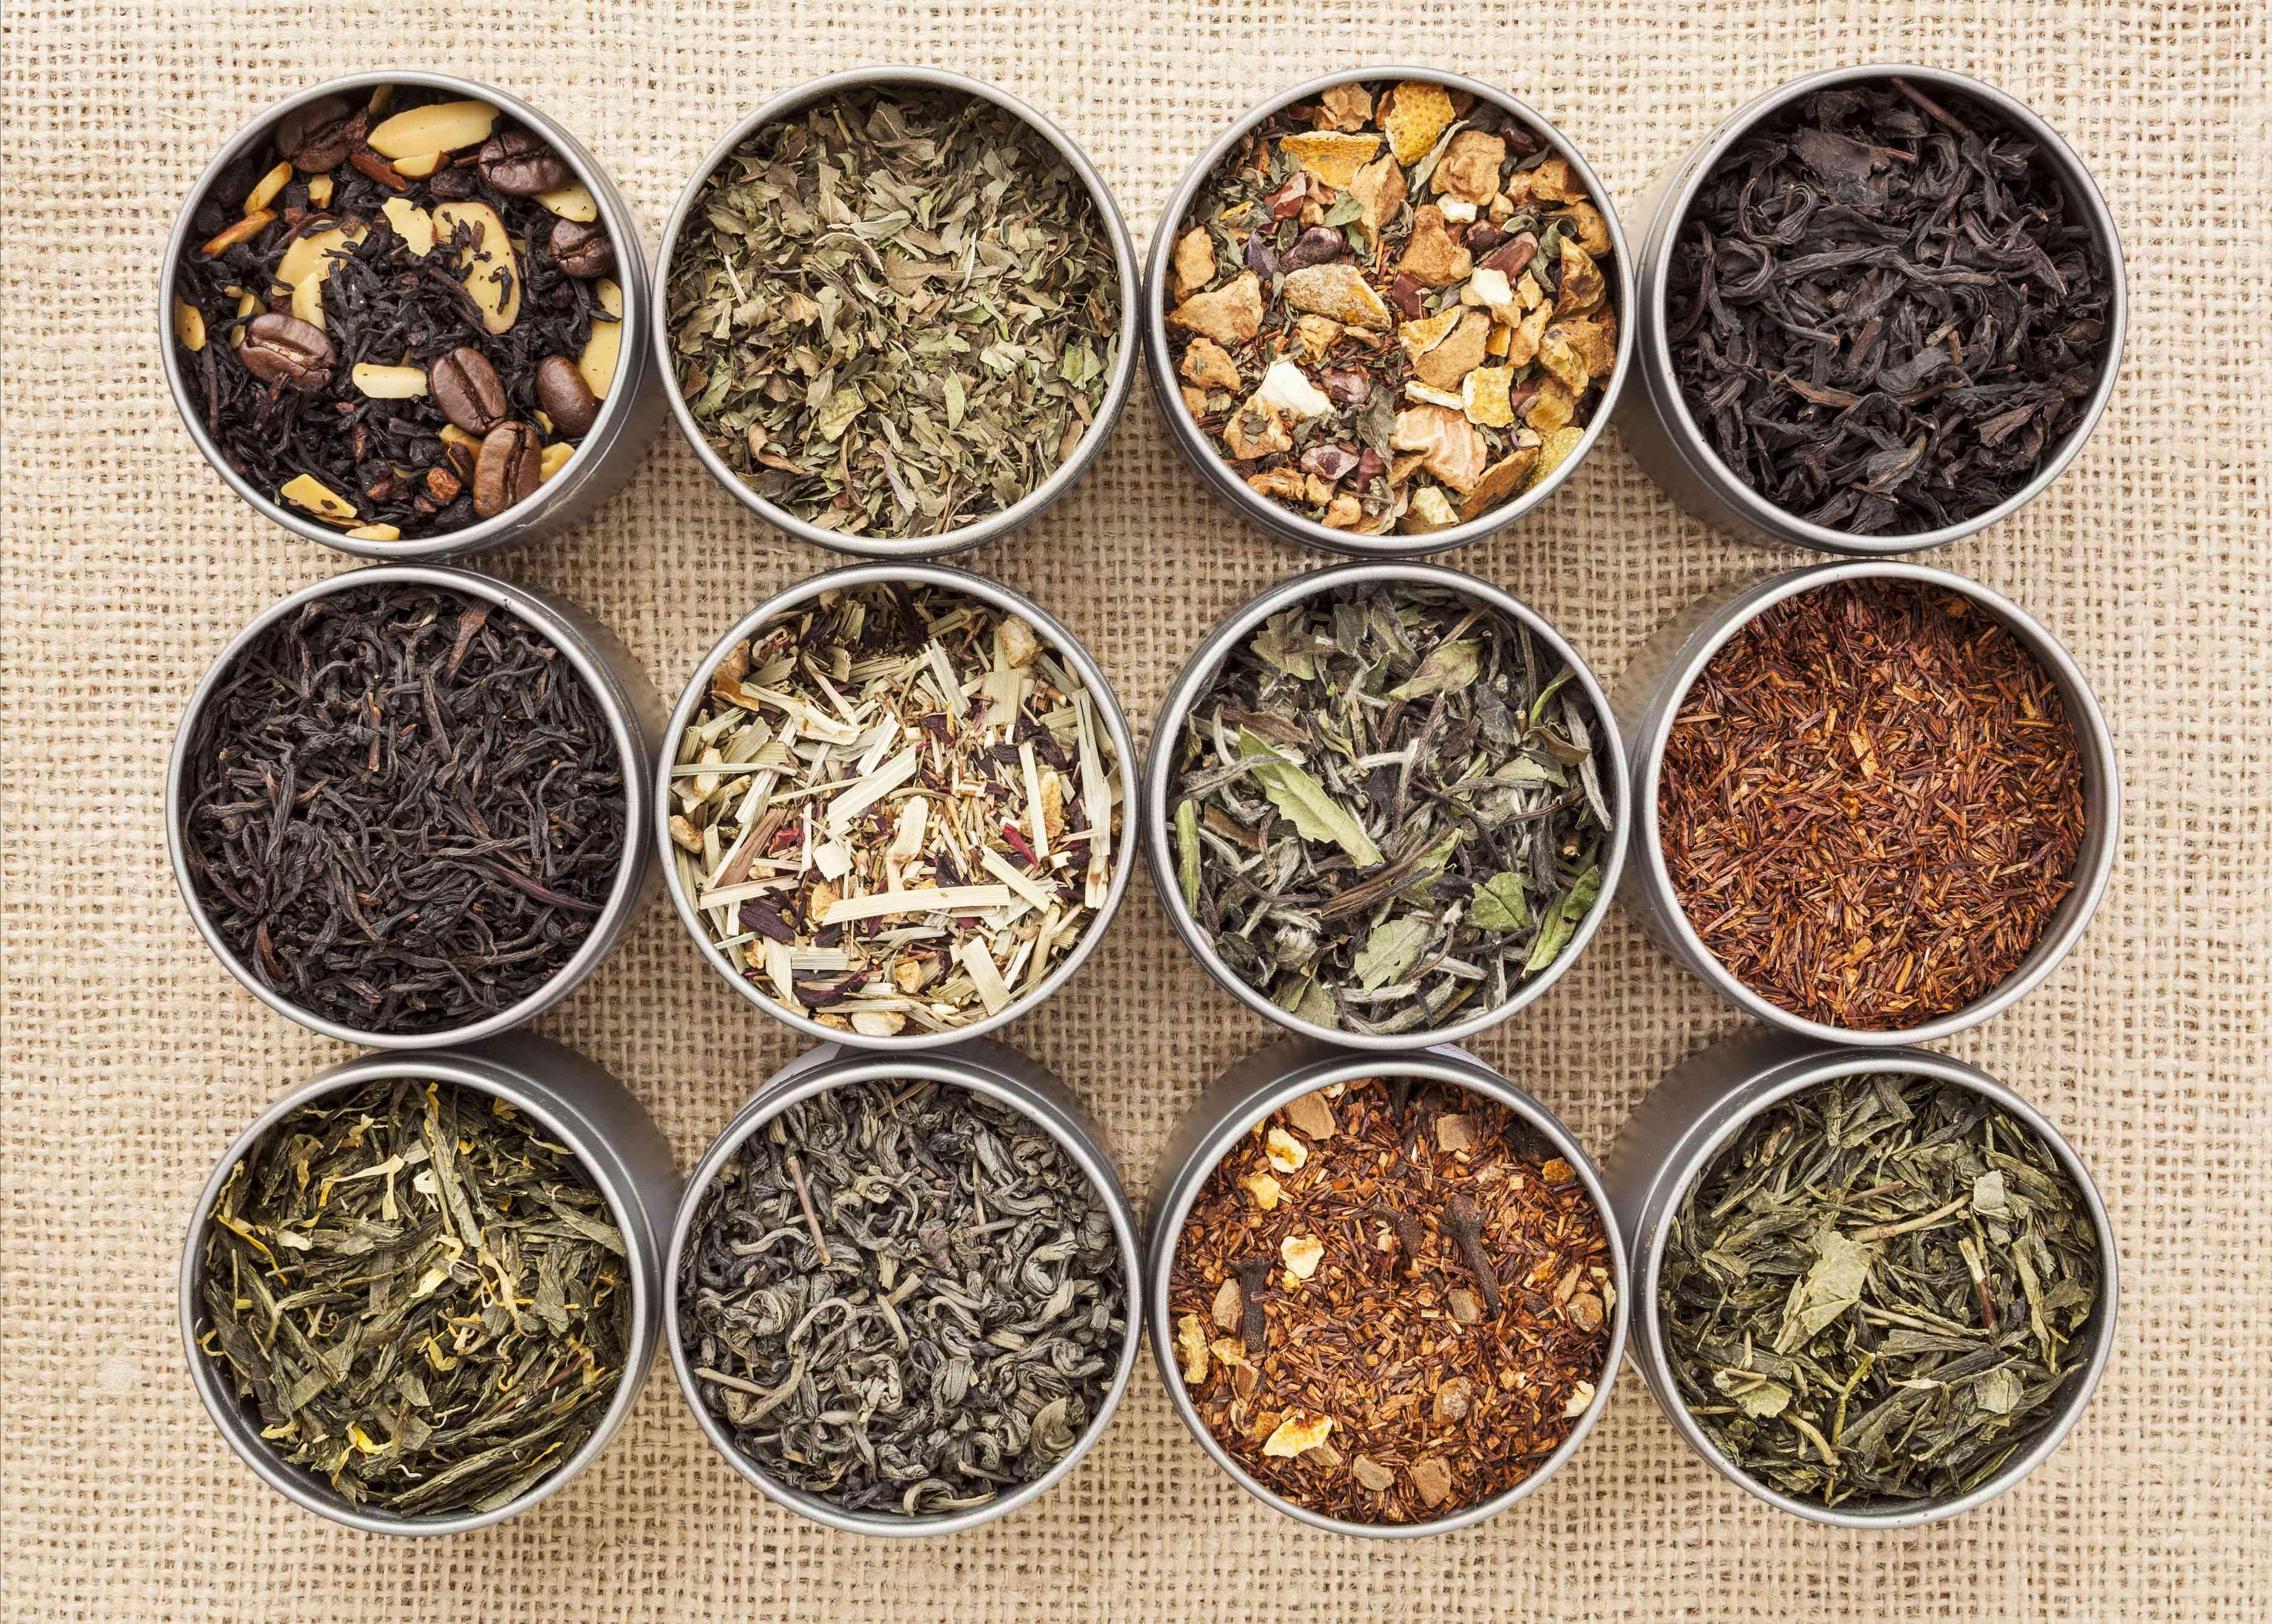 twelve tins of tea leaves